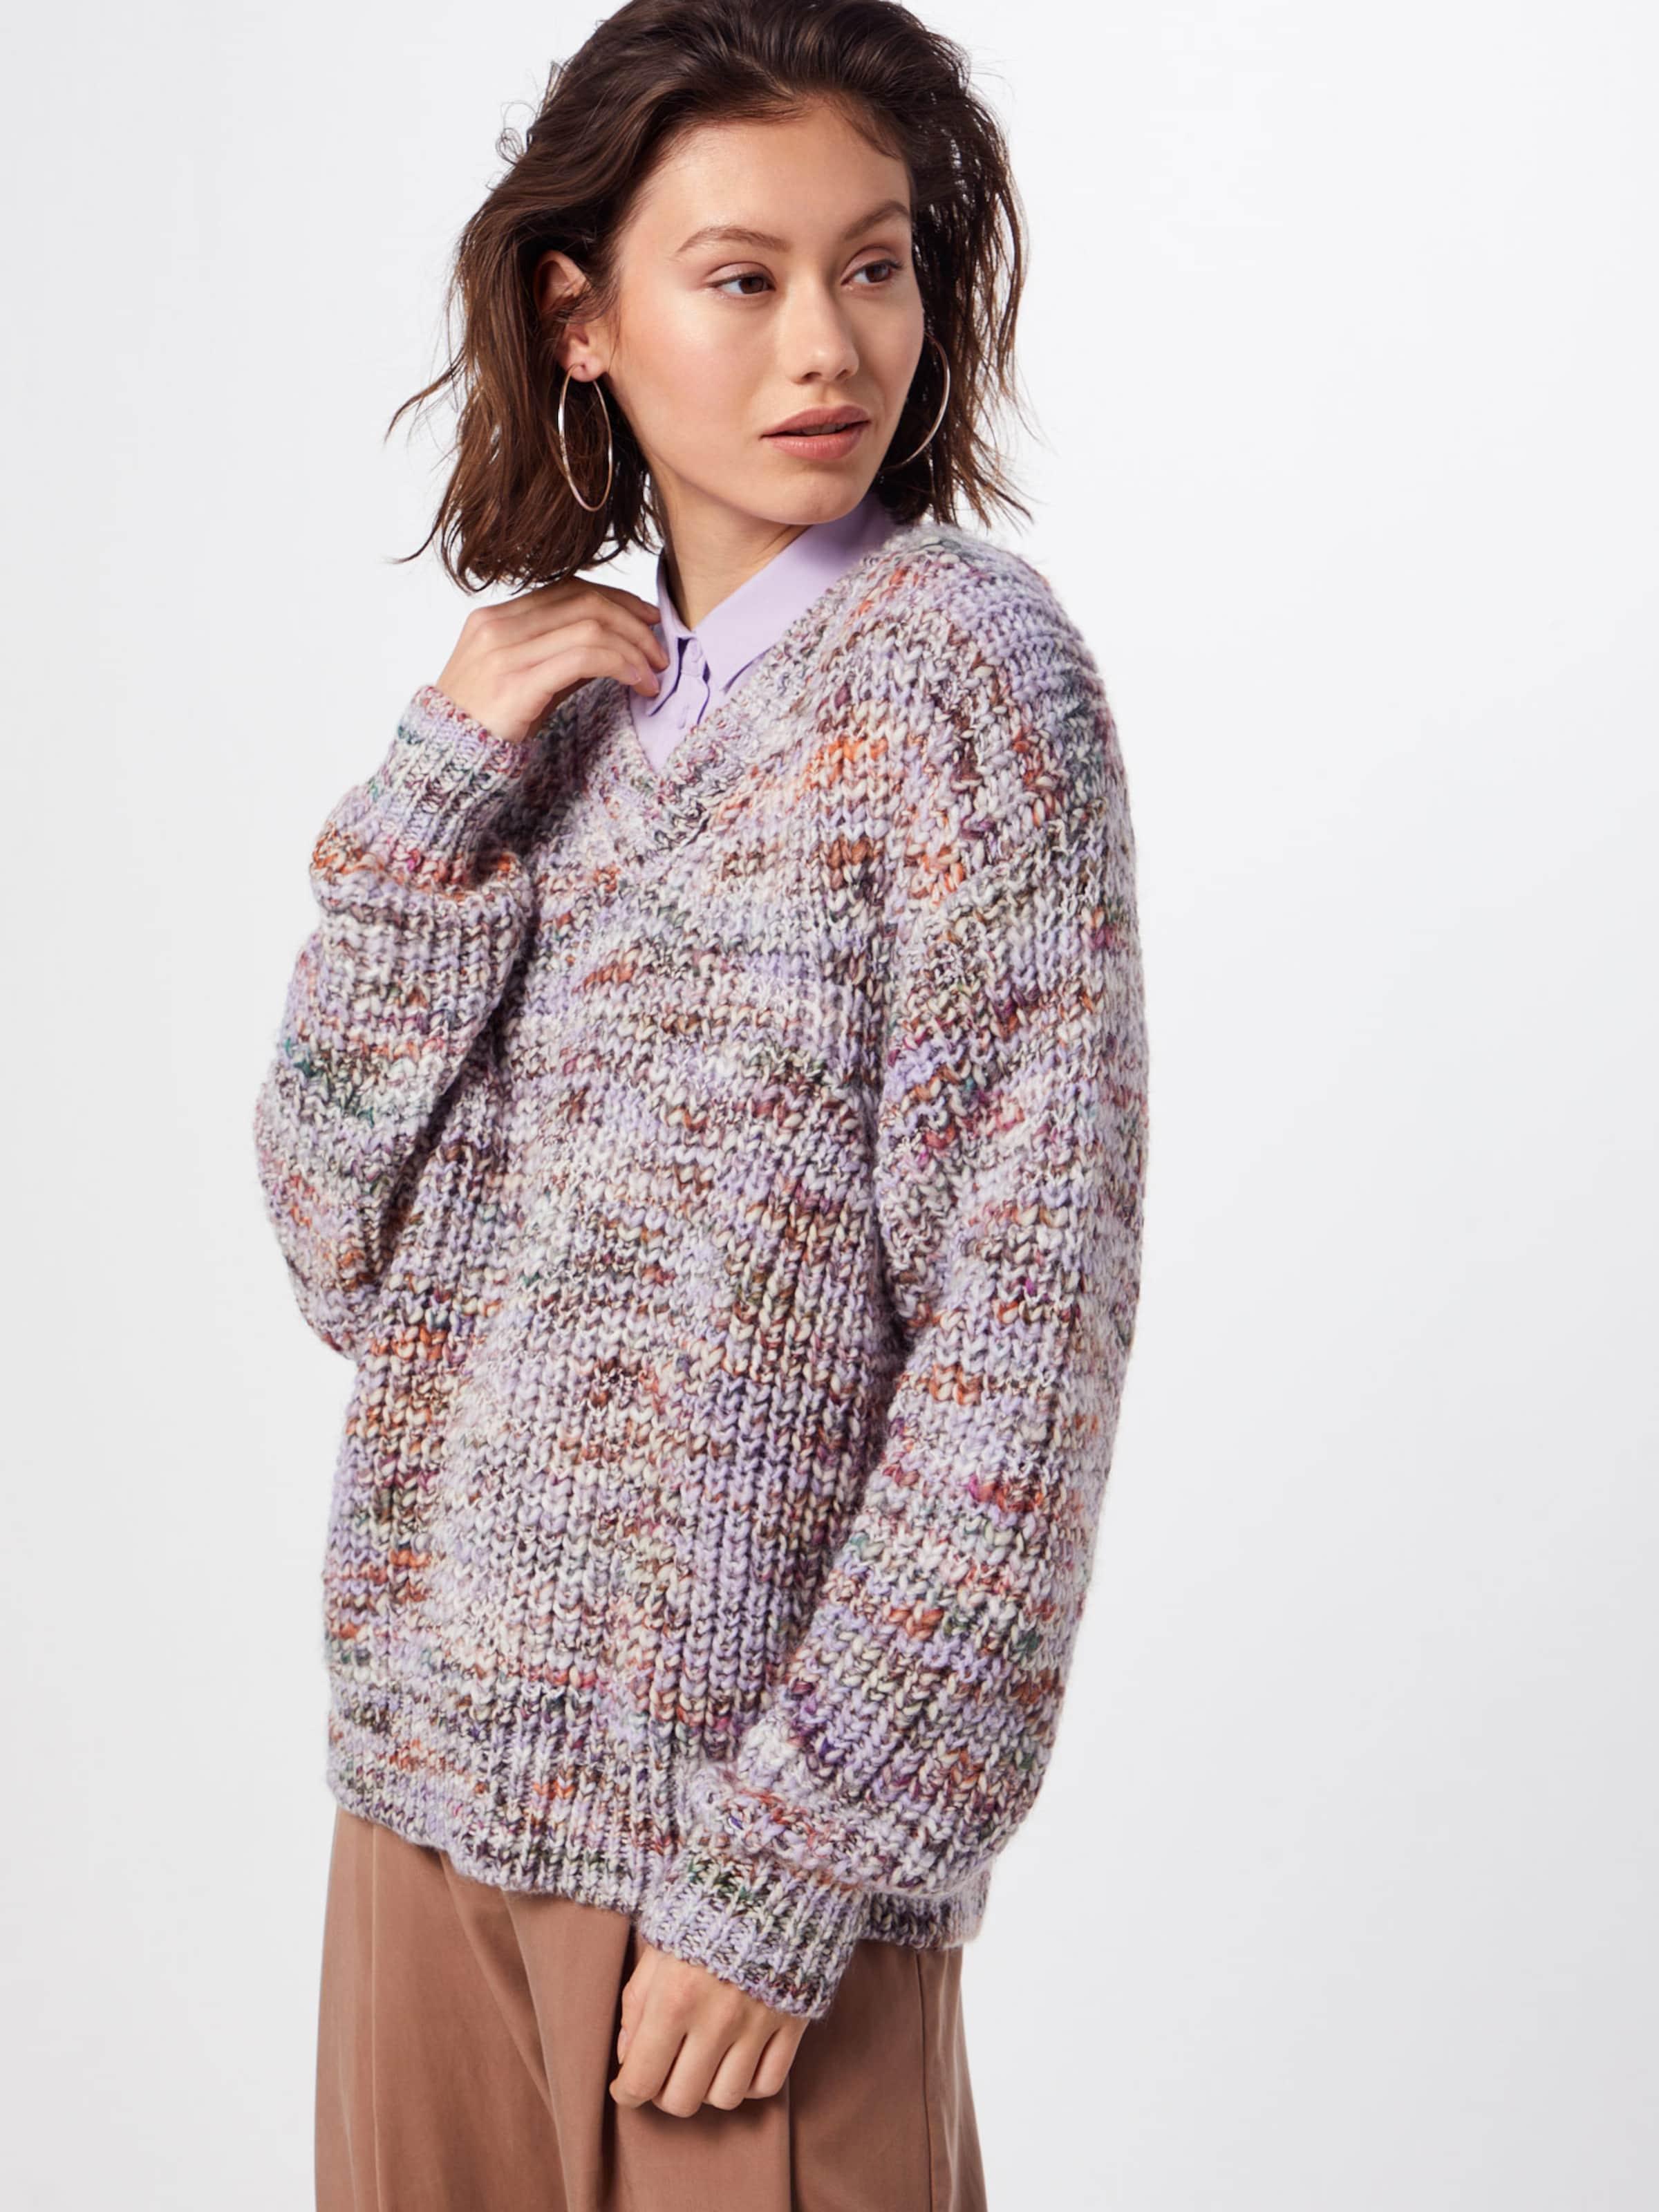 10138' 'nuria V n In Pullover Lila Samsoeamp; T3c5lK1uFJ